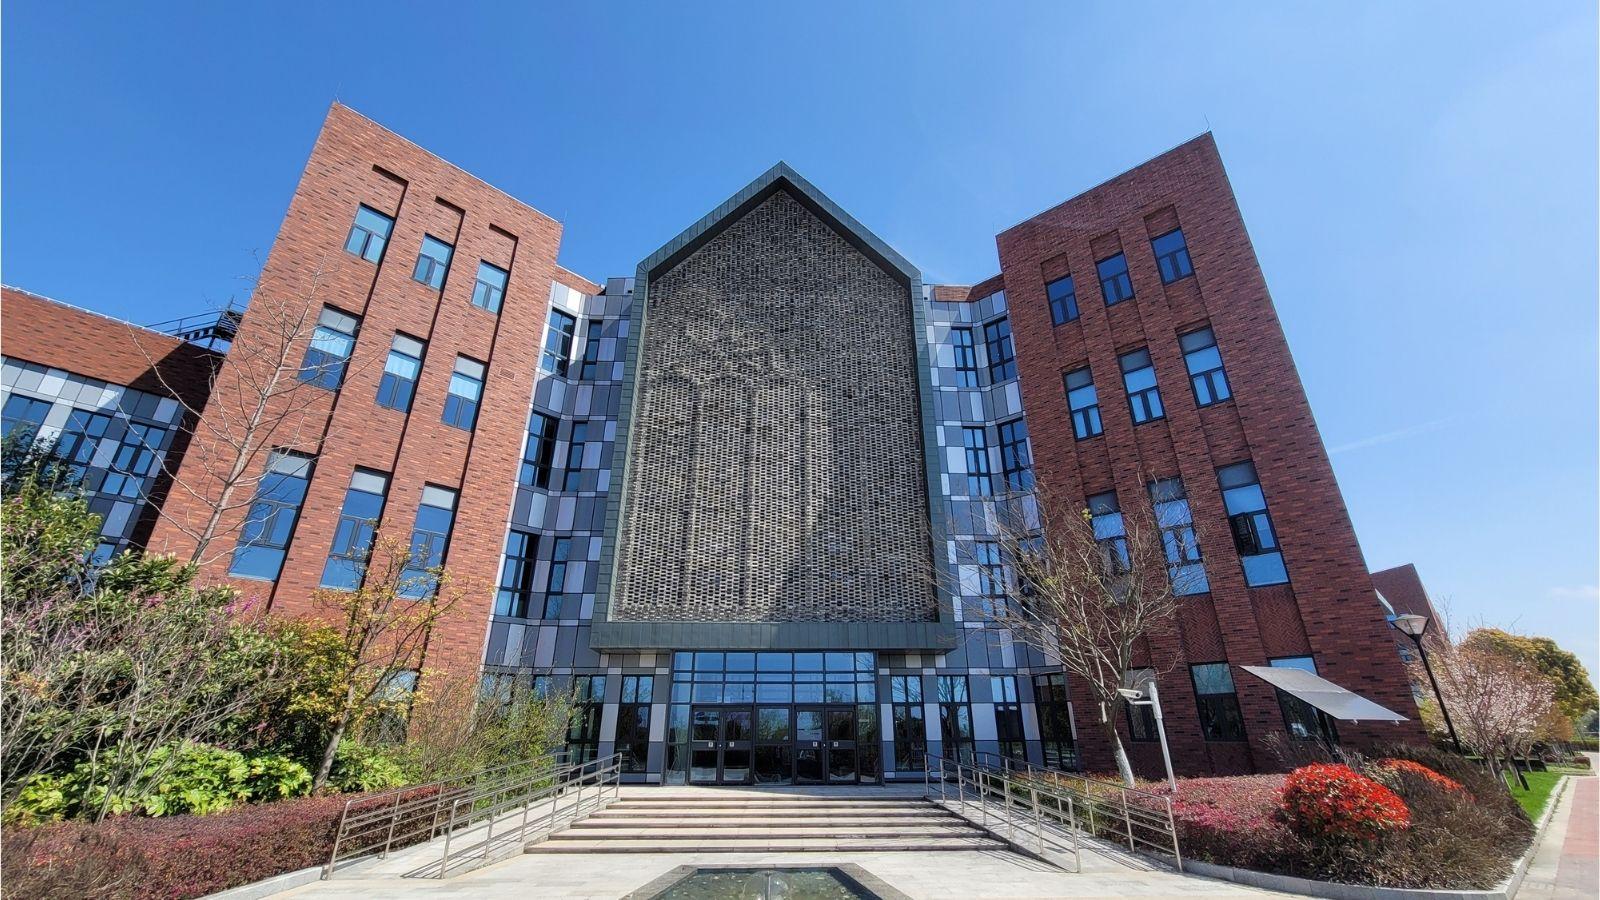 Shanghai Puxi campus with flower patterns in bricks